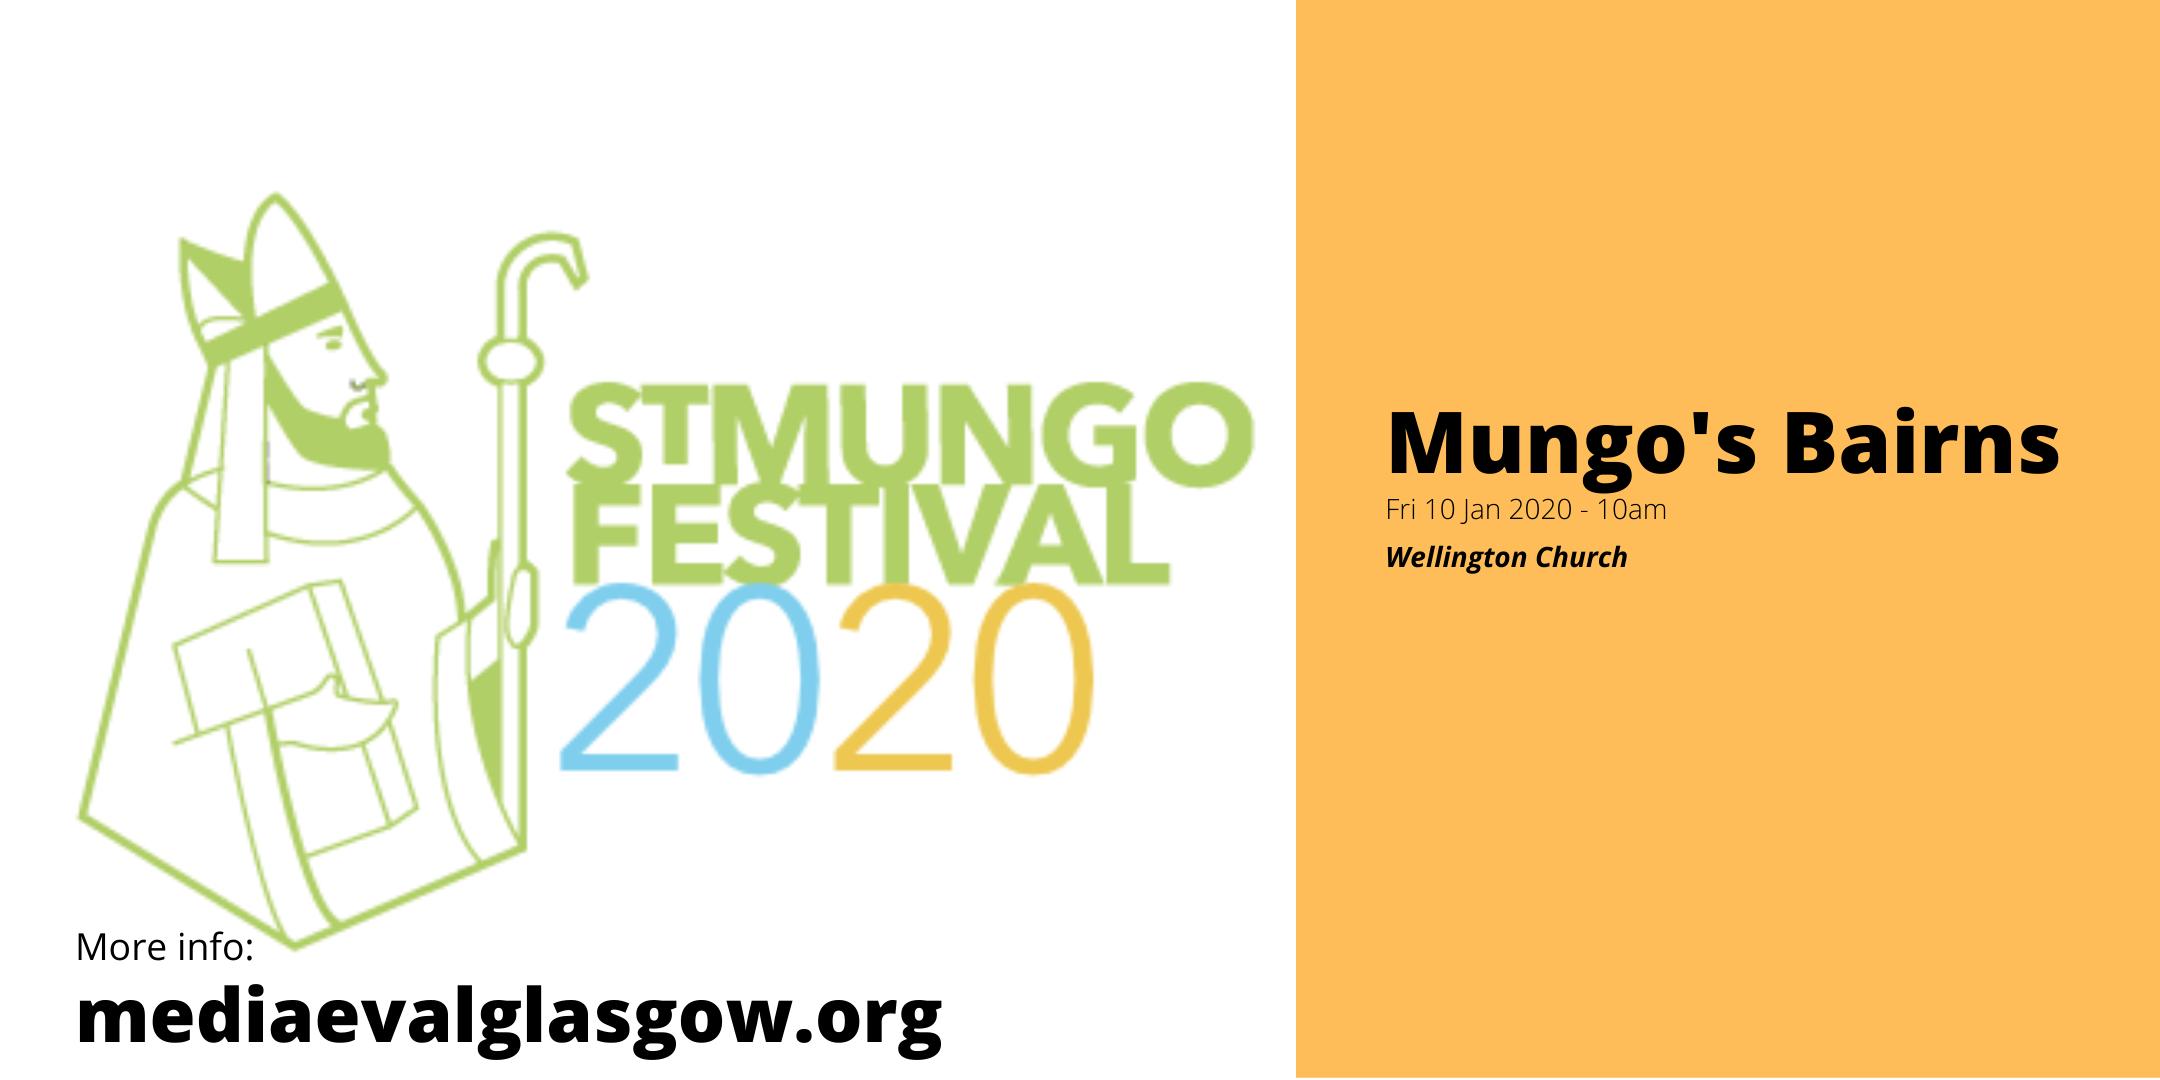 St Mungo 2020 - MUNGO'S BAIRNS